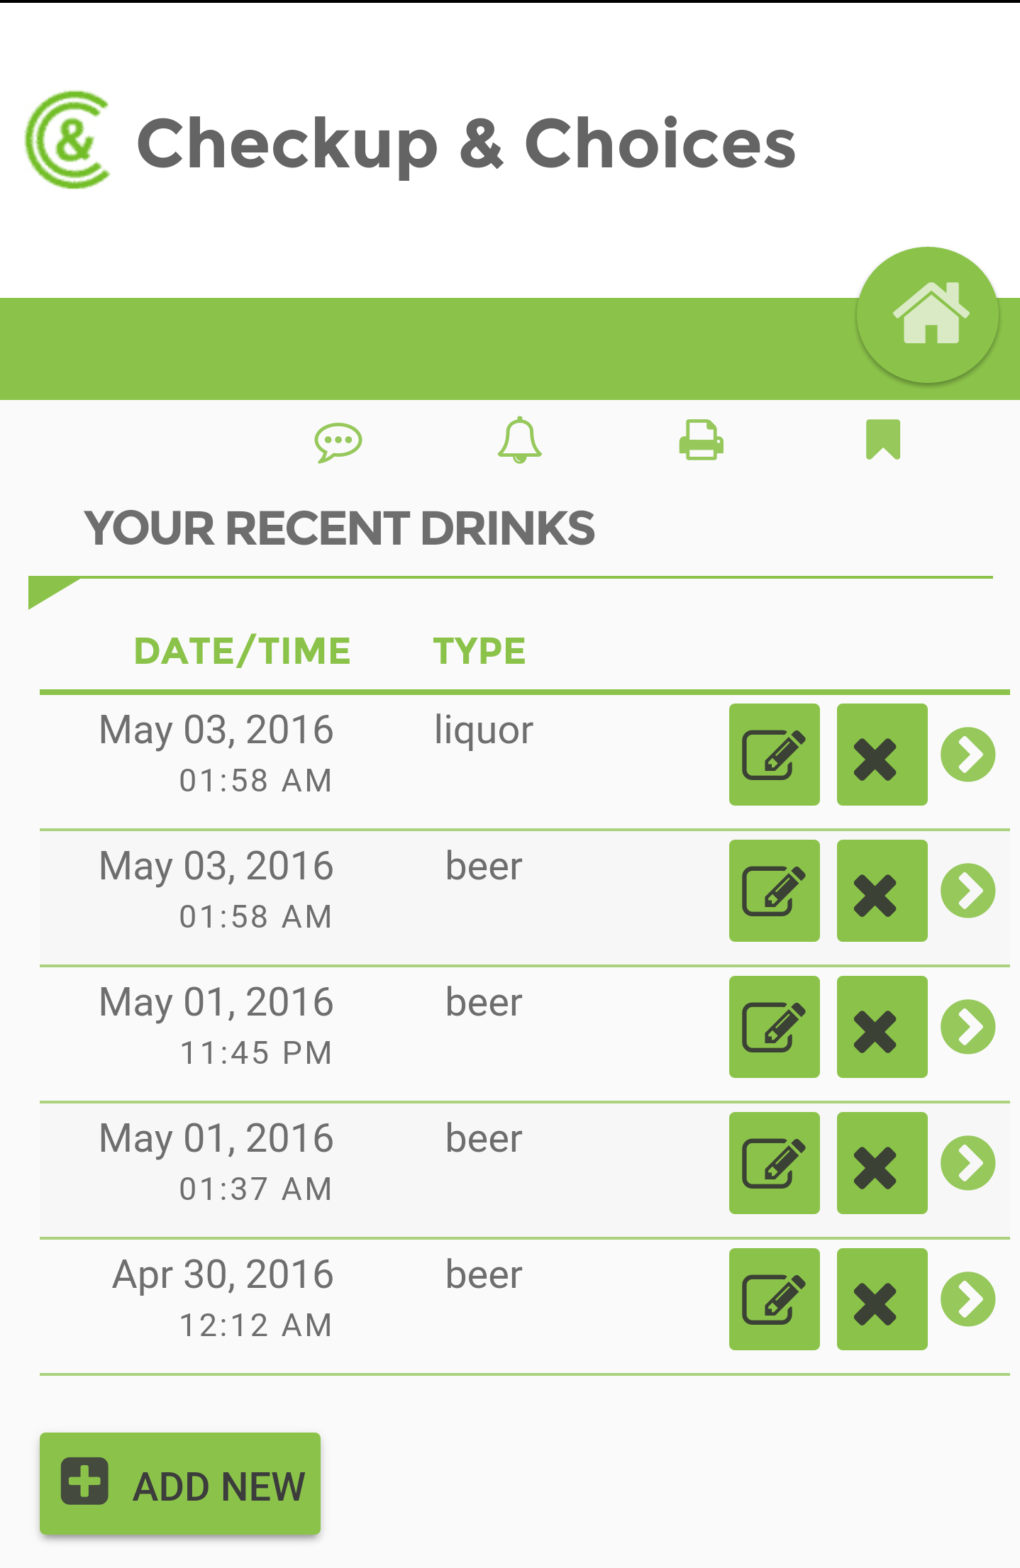 Checkup & Choices screenshot.